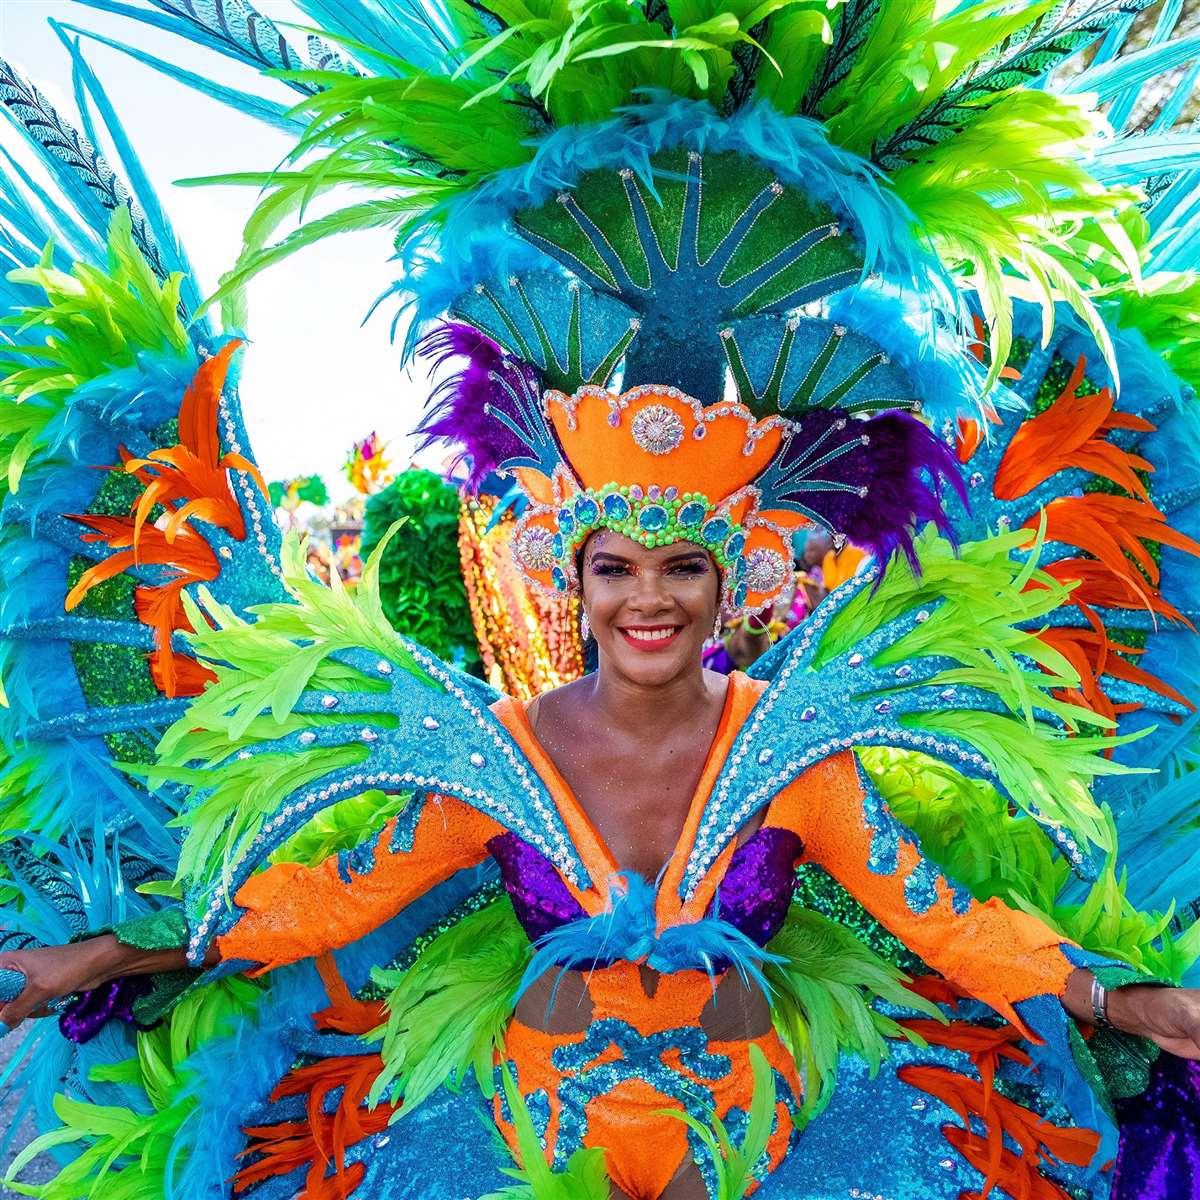 加勒比海库拉索岛狂欢节